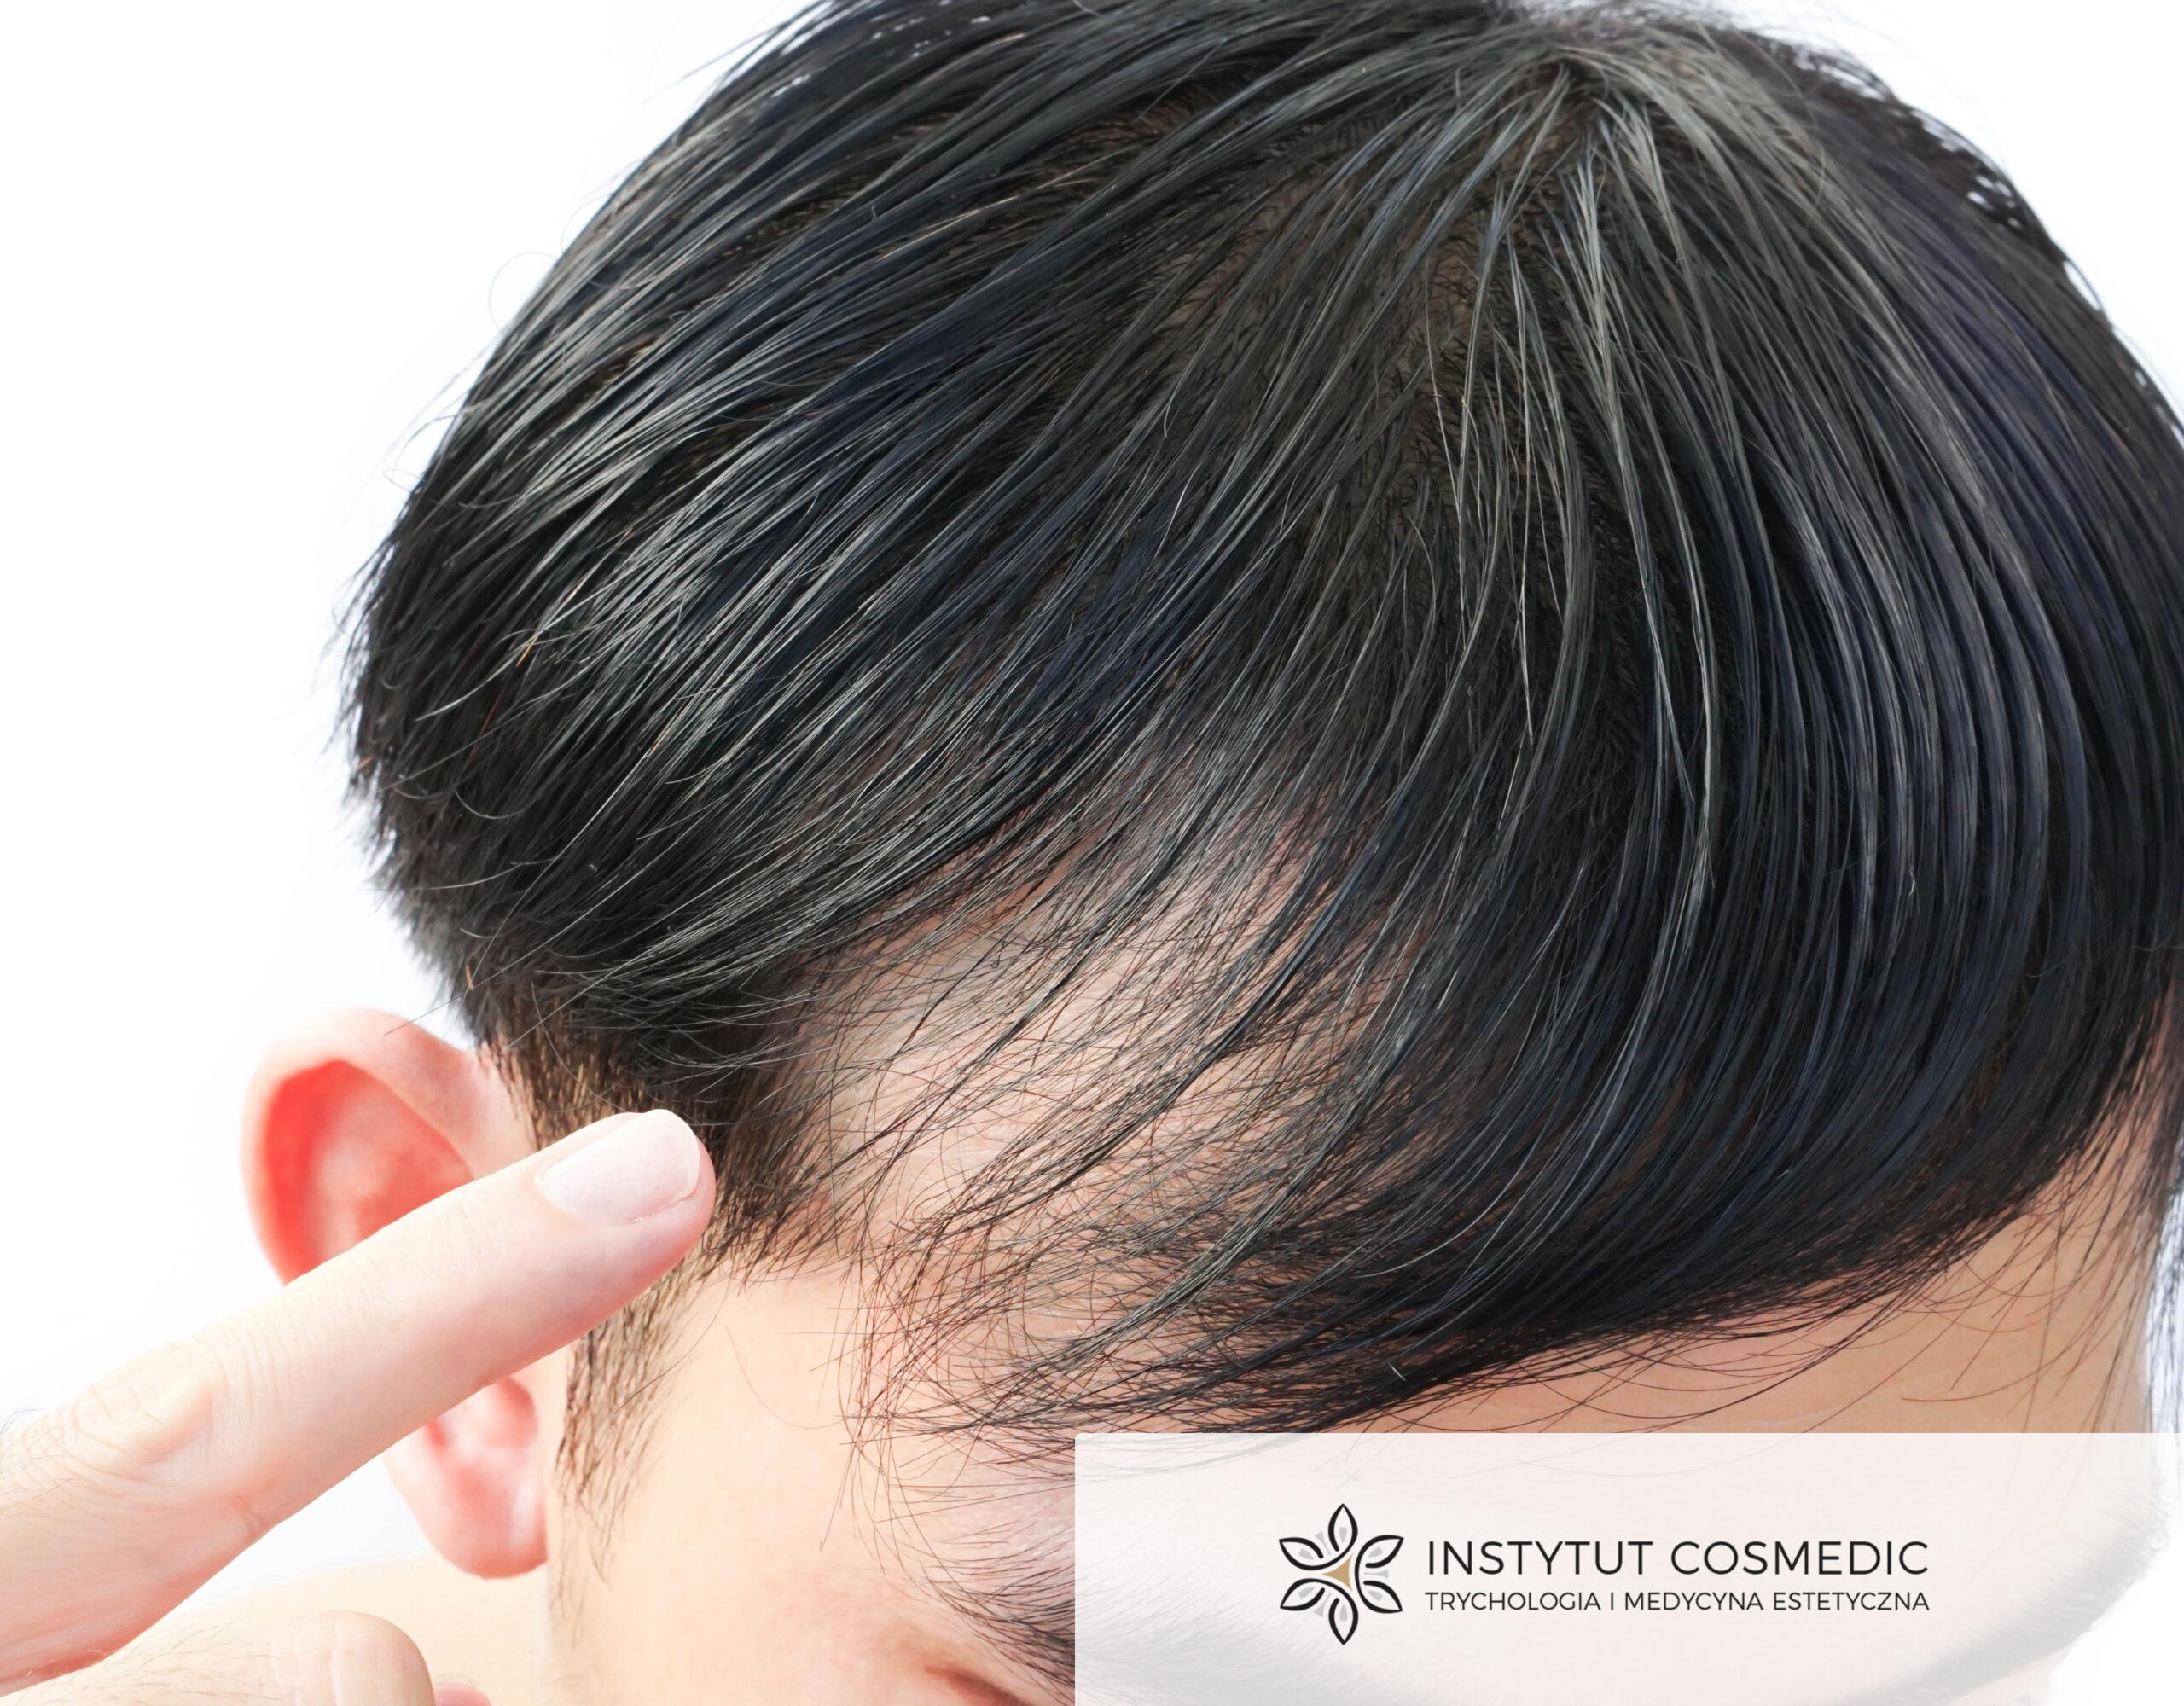 Włosy pod kontrolą! Najlepsze rozwiązania na problemy skóry głowy